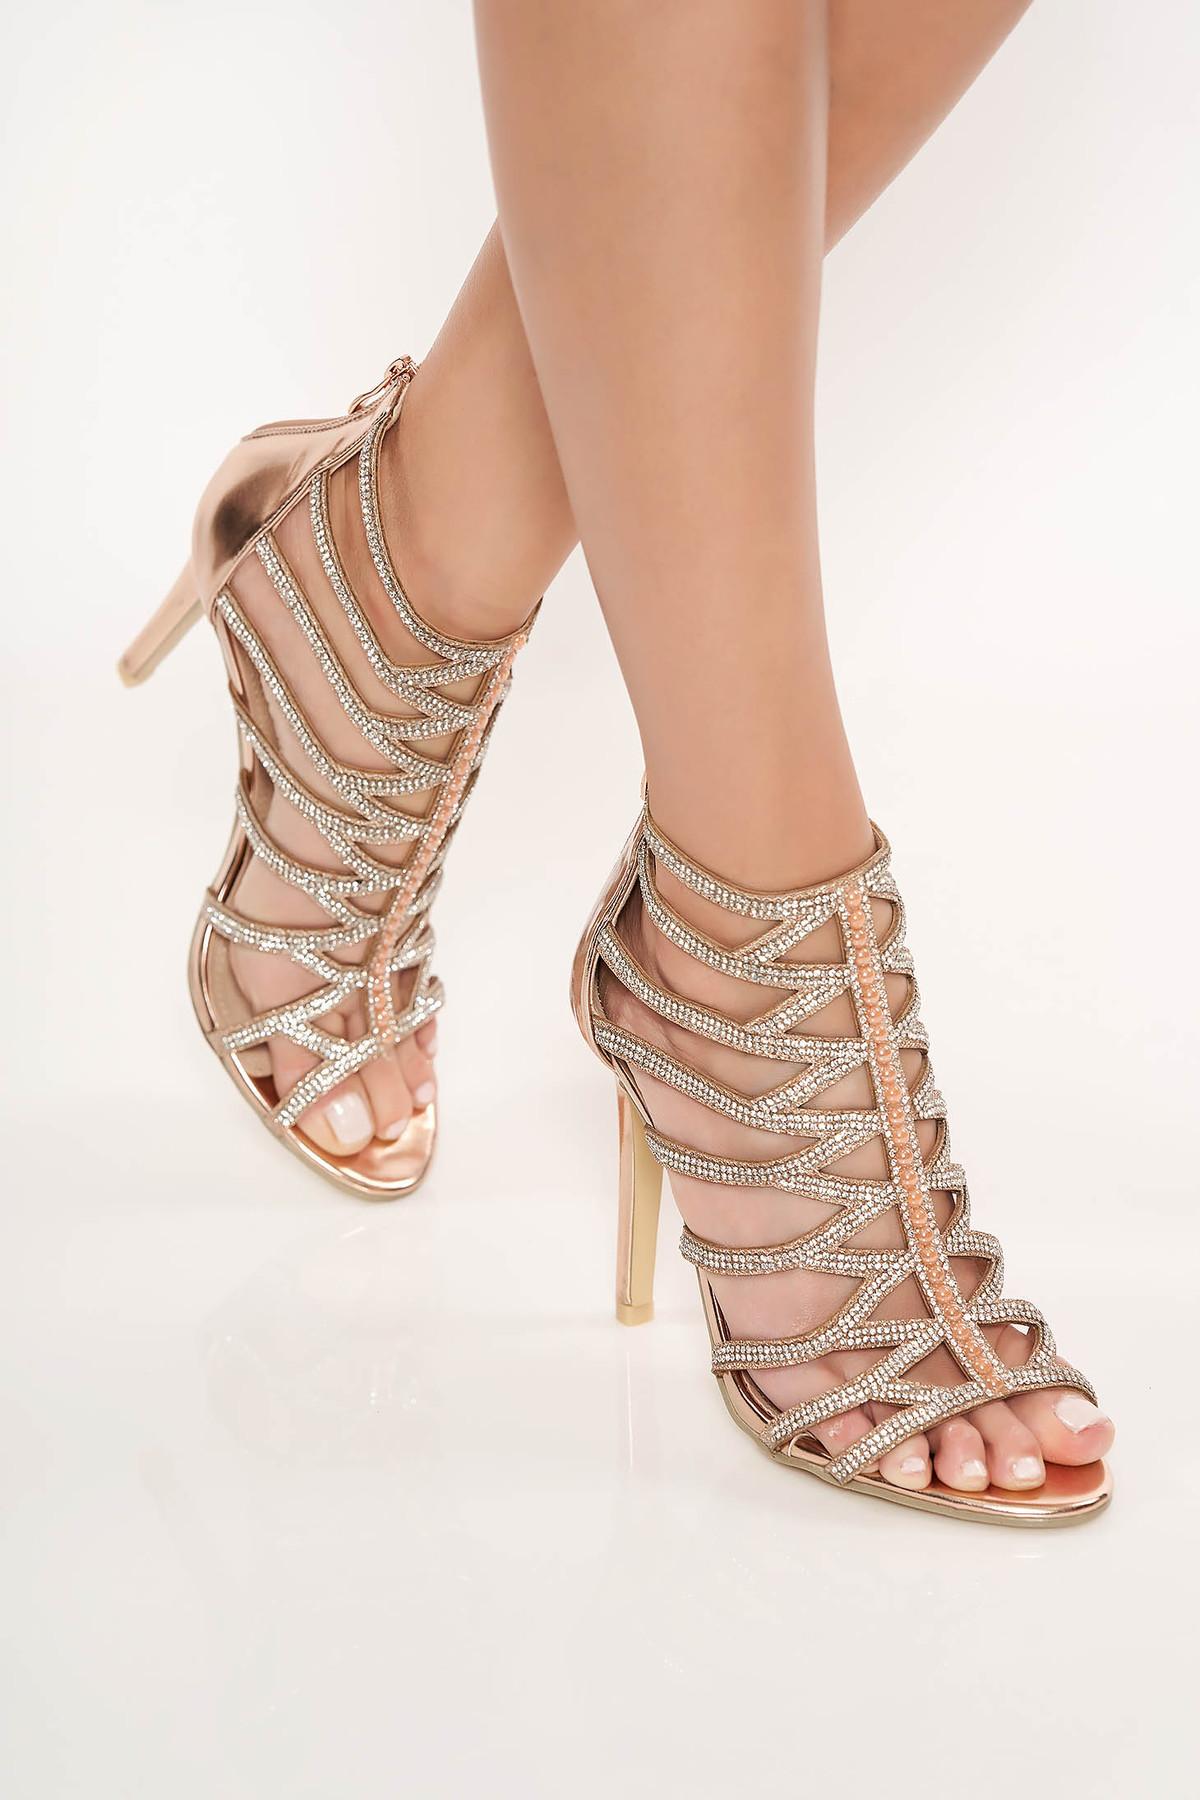 Sandale aurii cu aplicatii cu pietre strass